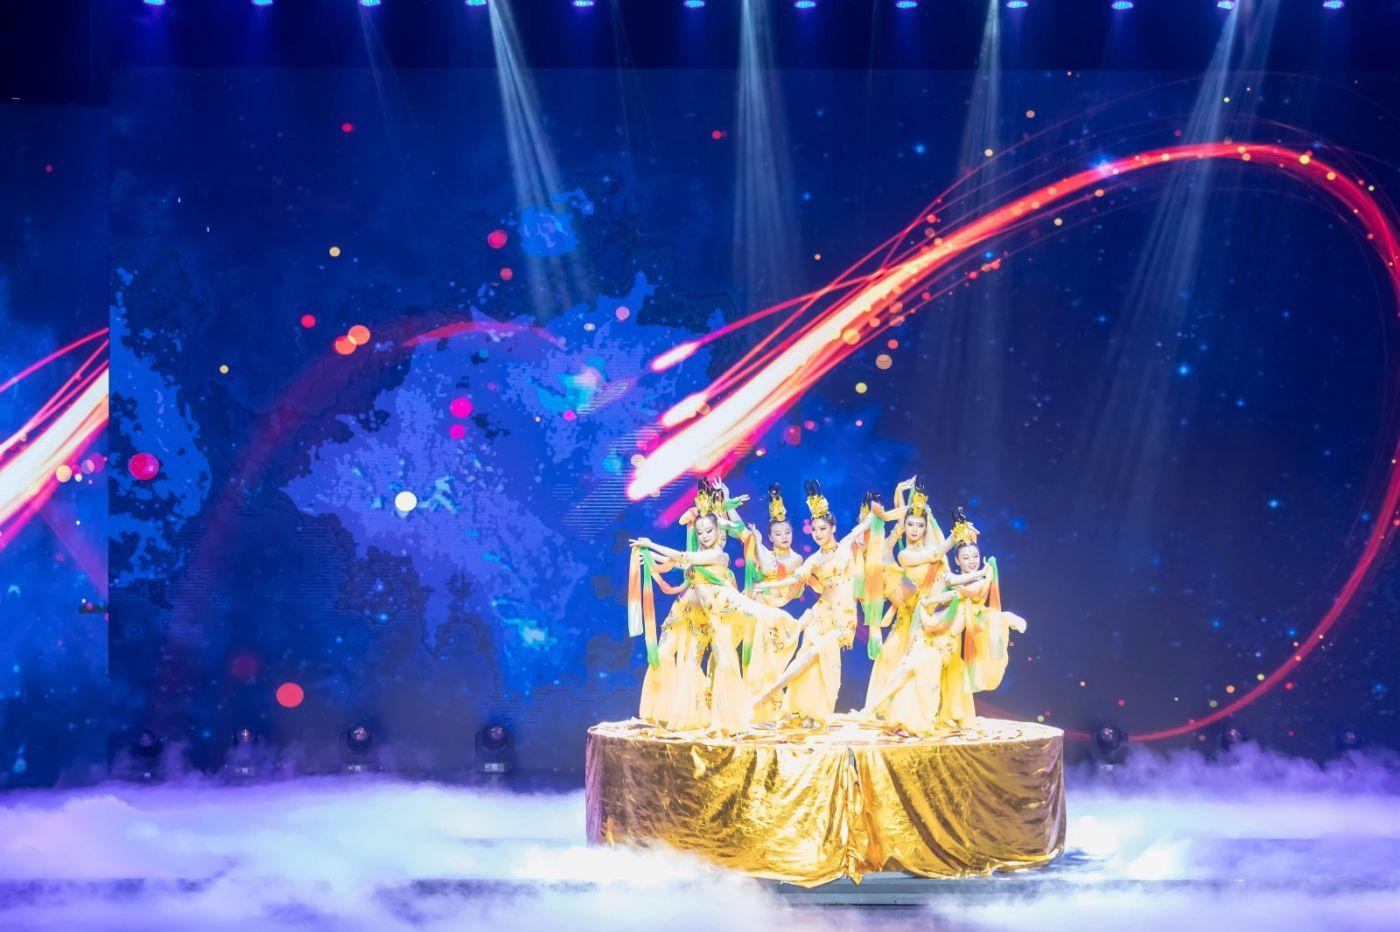 沂蒙大地上 有一种舞蹈叫飞天 这是几位临沂女孩的杰作 美轮美奂 ..._图1-34